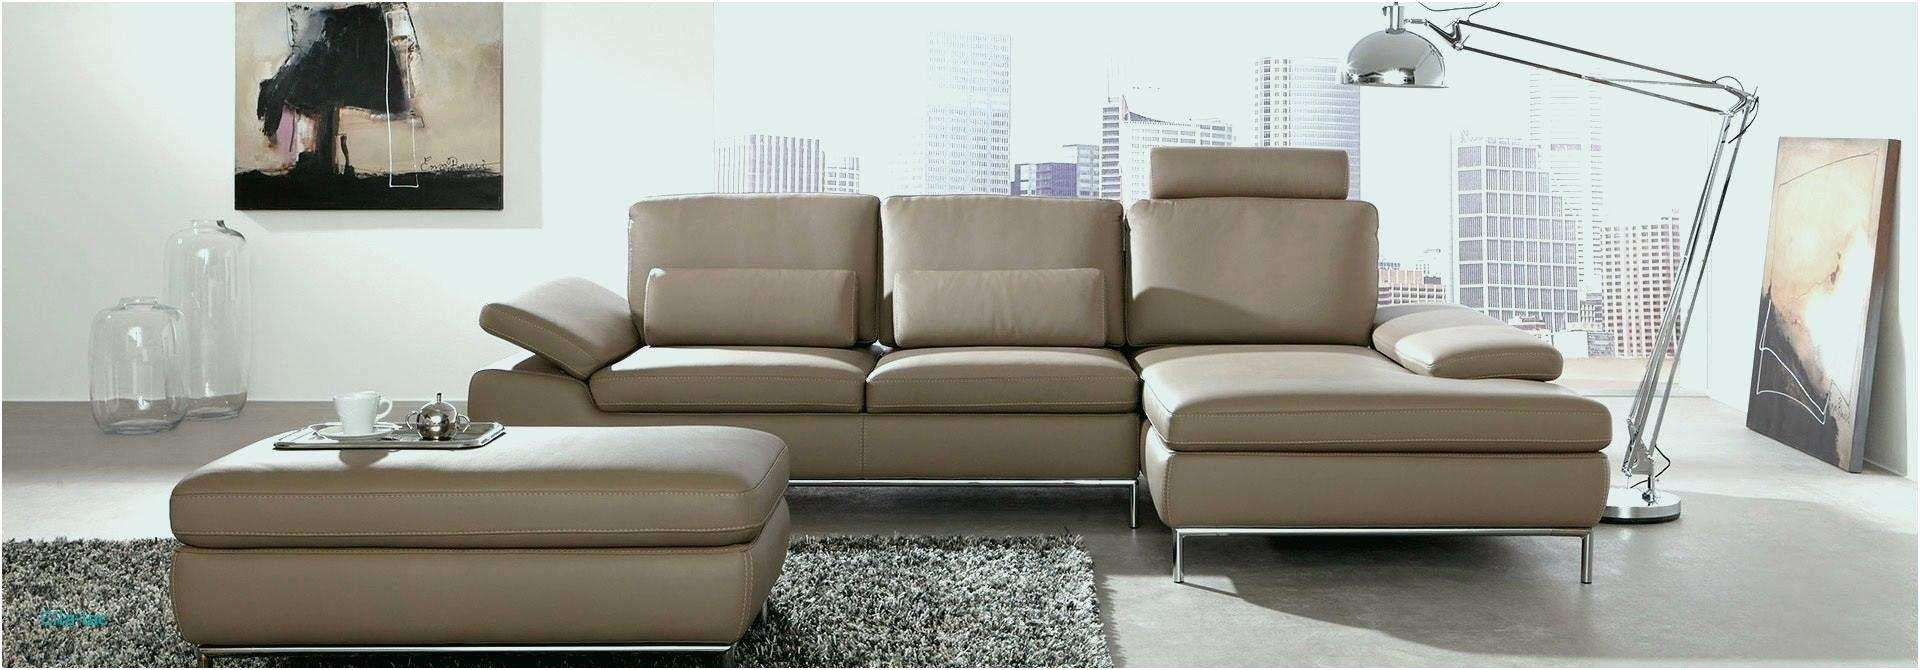 Fantastisch Segmuller Sofa Angebot